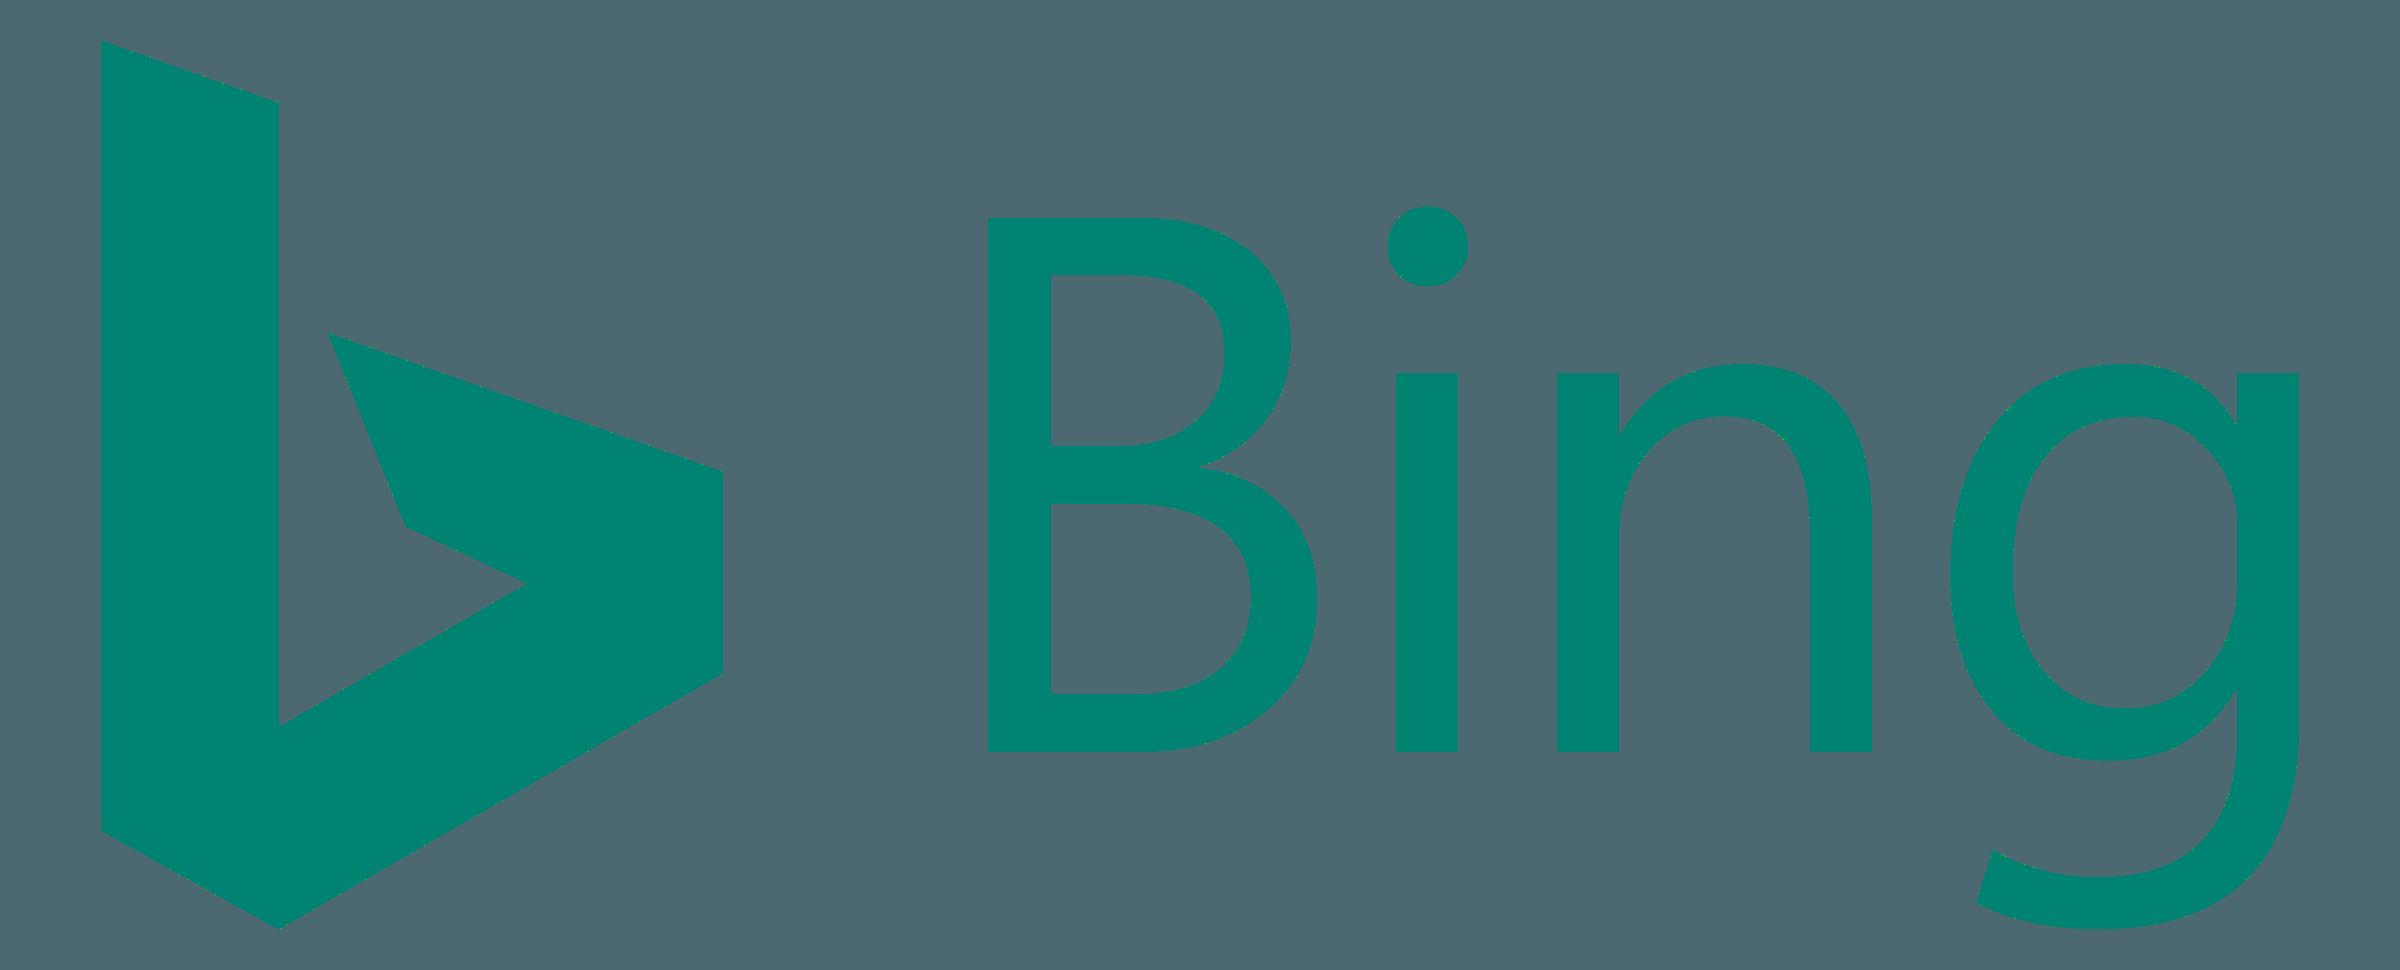 Bing Logo PNG Transparent & SVG Vector